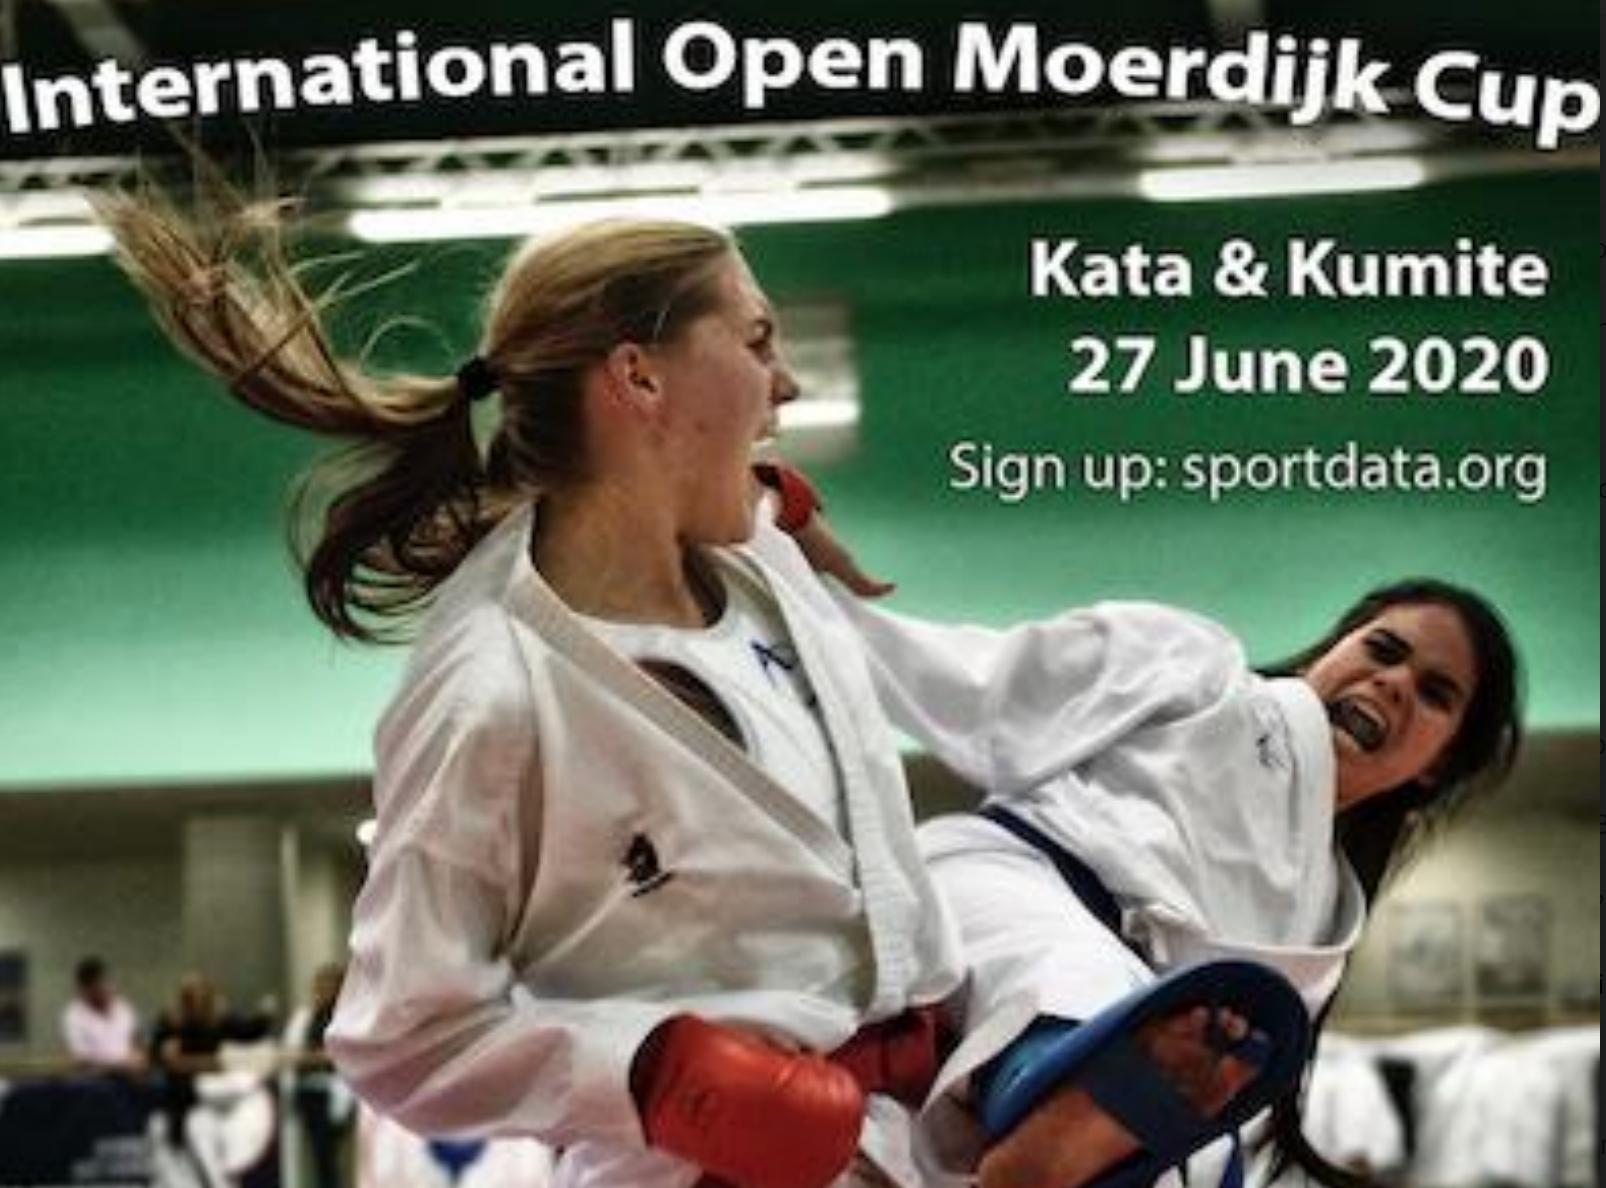 Schermafbeelding 2020 01 28 om 18.58.46 International Open Moerdijk Cup